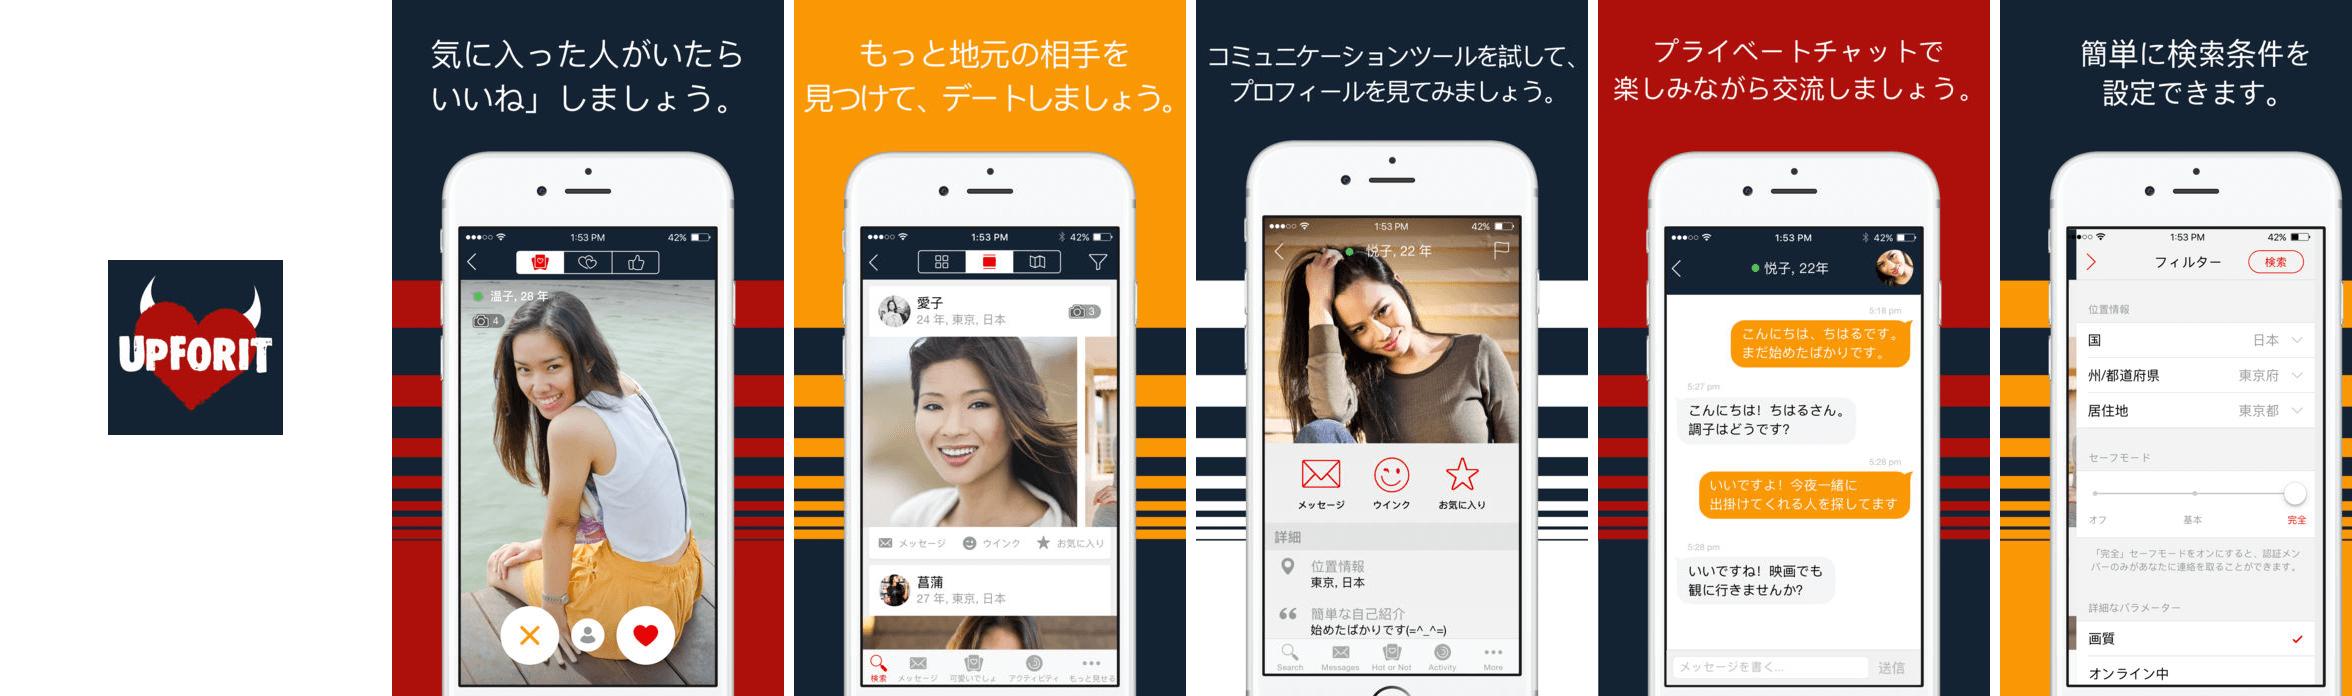 UpForIt - 地元の独身のため最良オンライン出会いアプリ